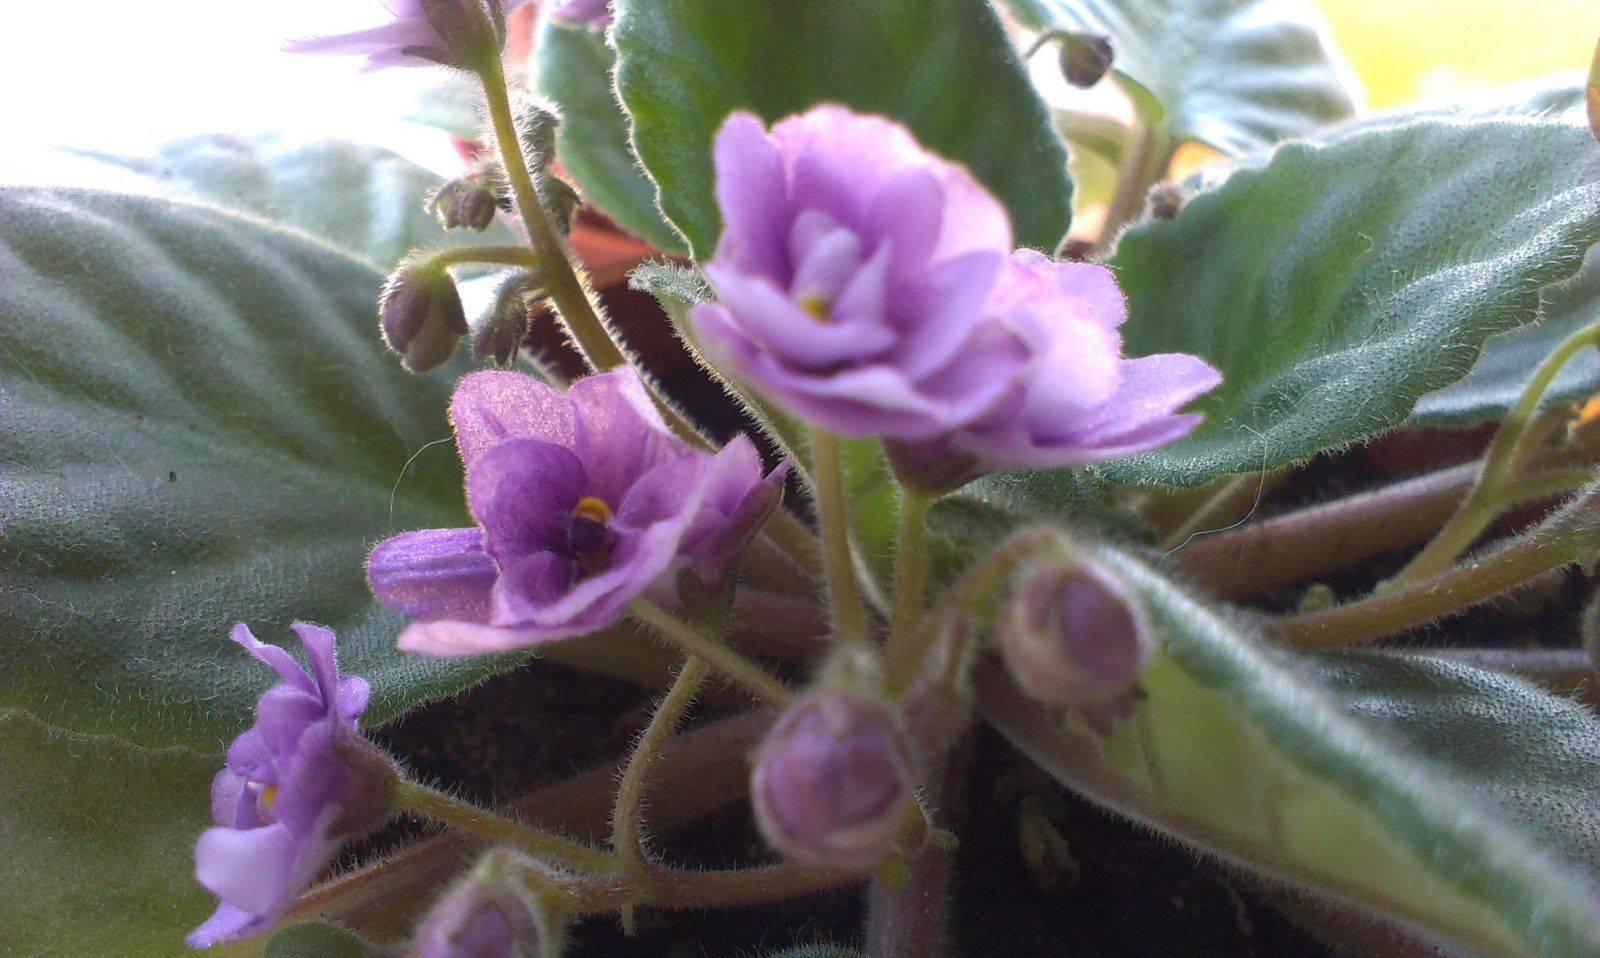 Фиалка в доме: приметы и суеверия о цветке, значение в снах